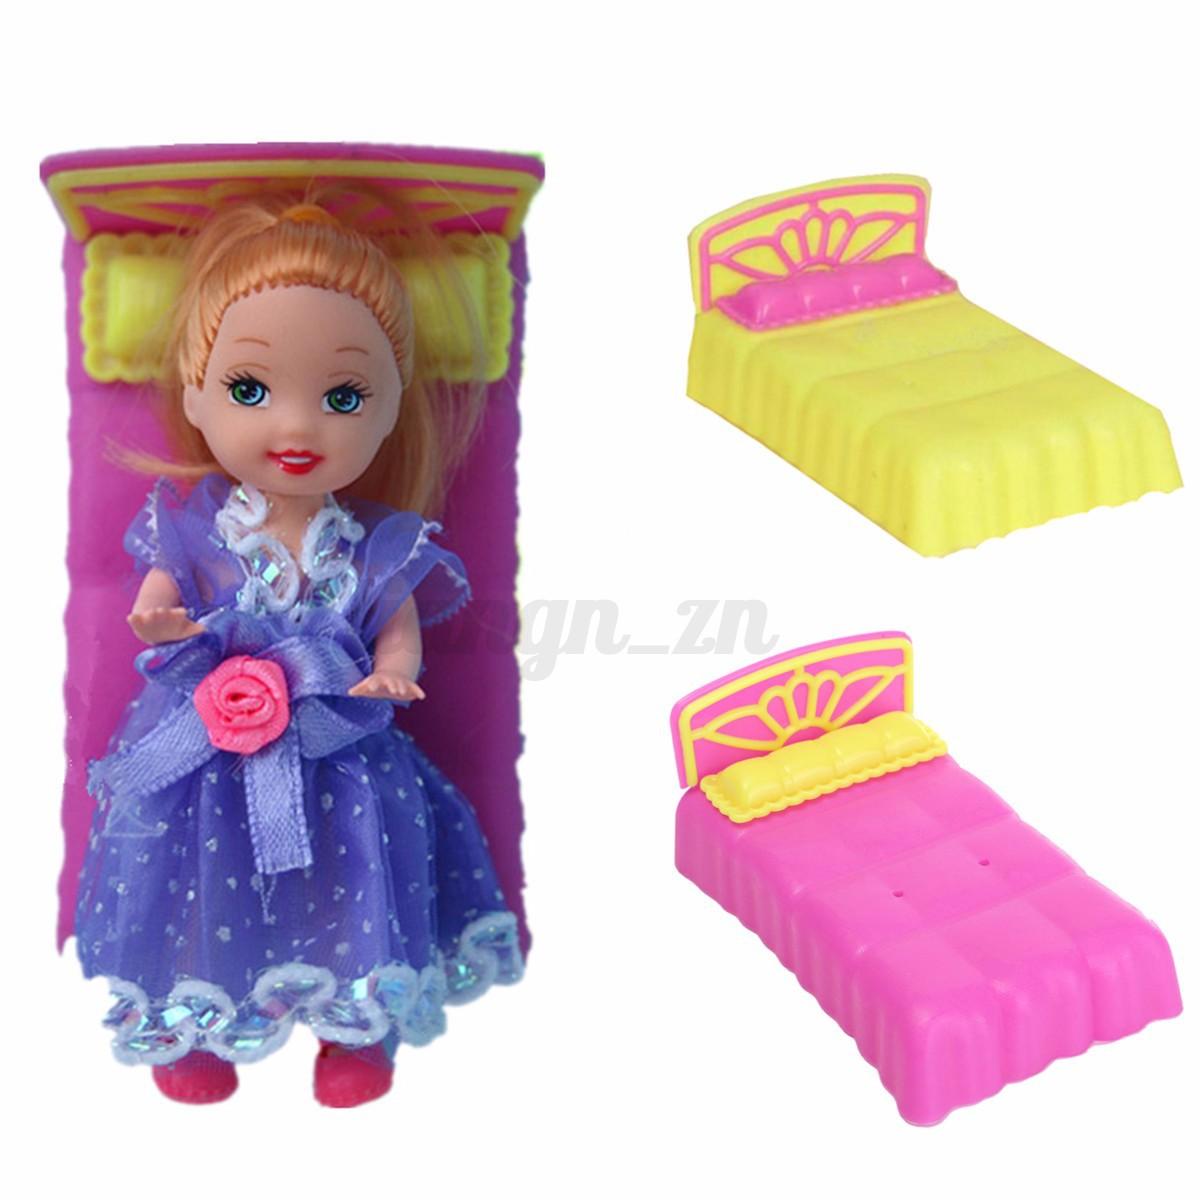 Maison poup e meuble chaise chambre lit mobilier barbie for Accessoires maison barbie